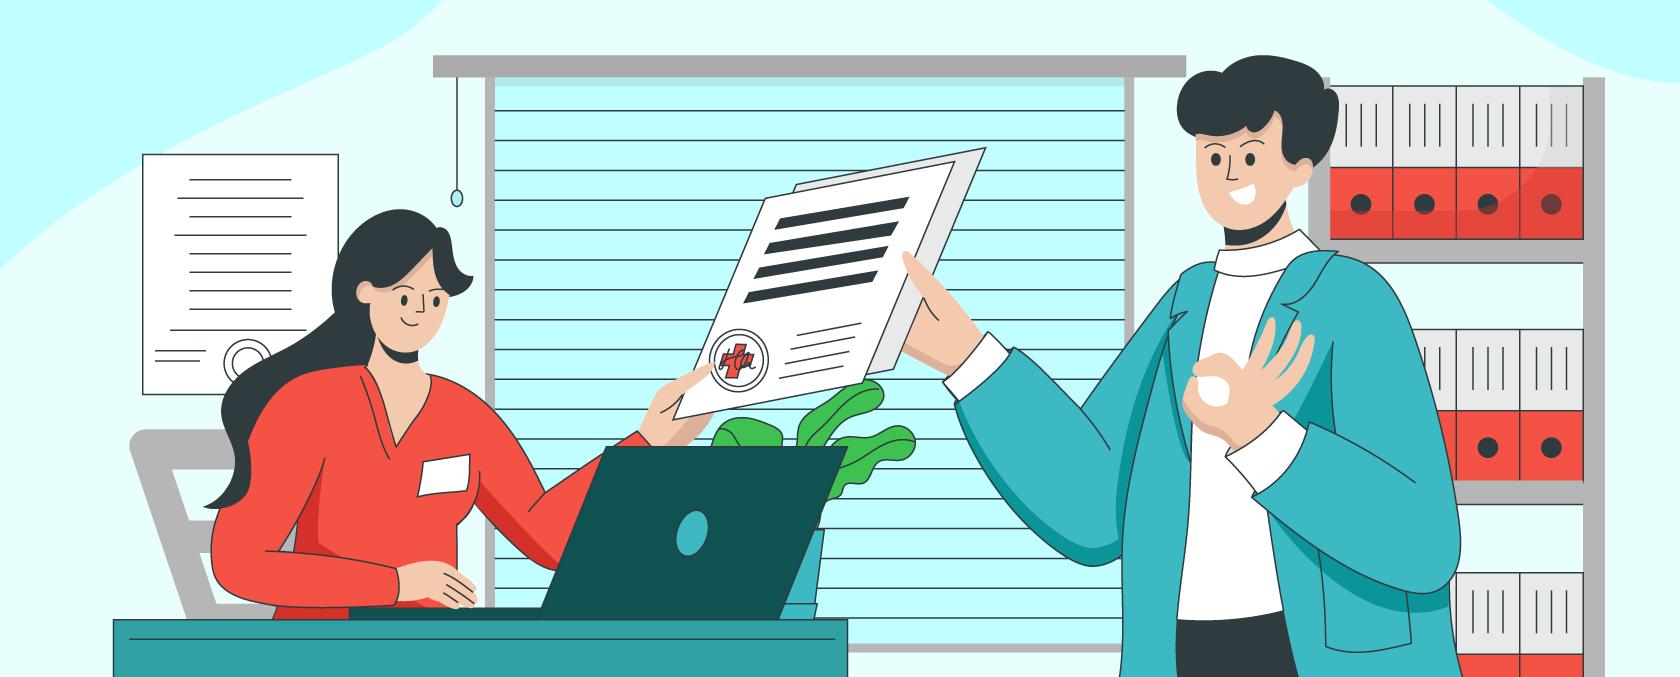 Появились новые правила лицензирования медицинской деятельности